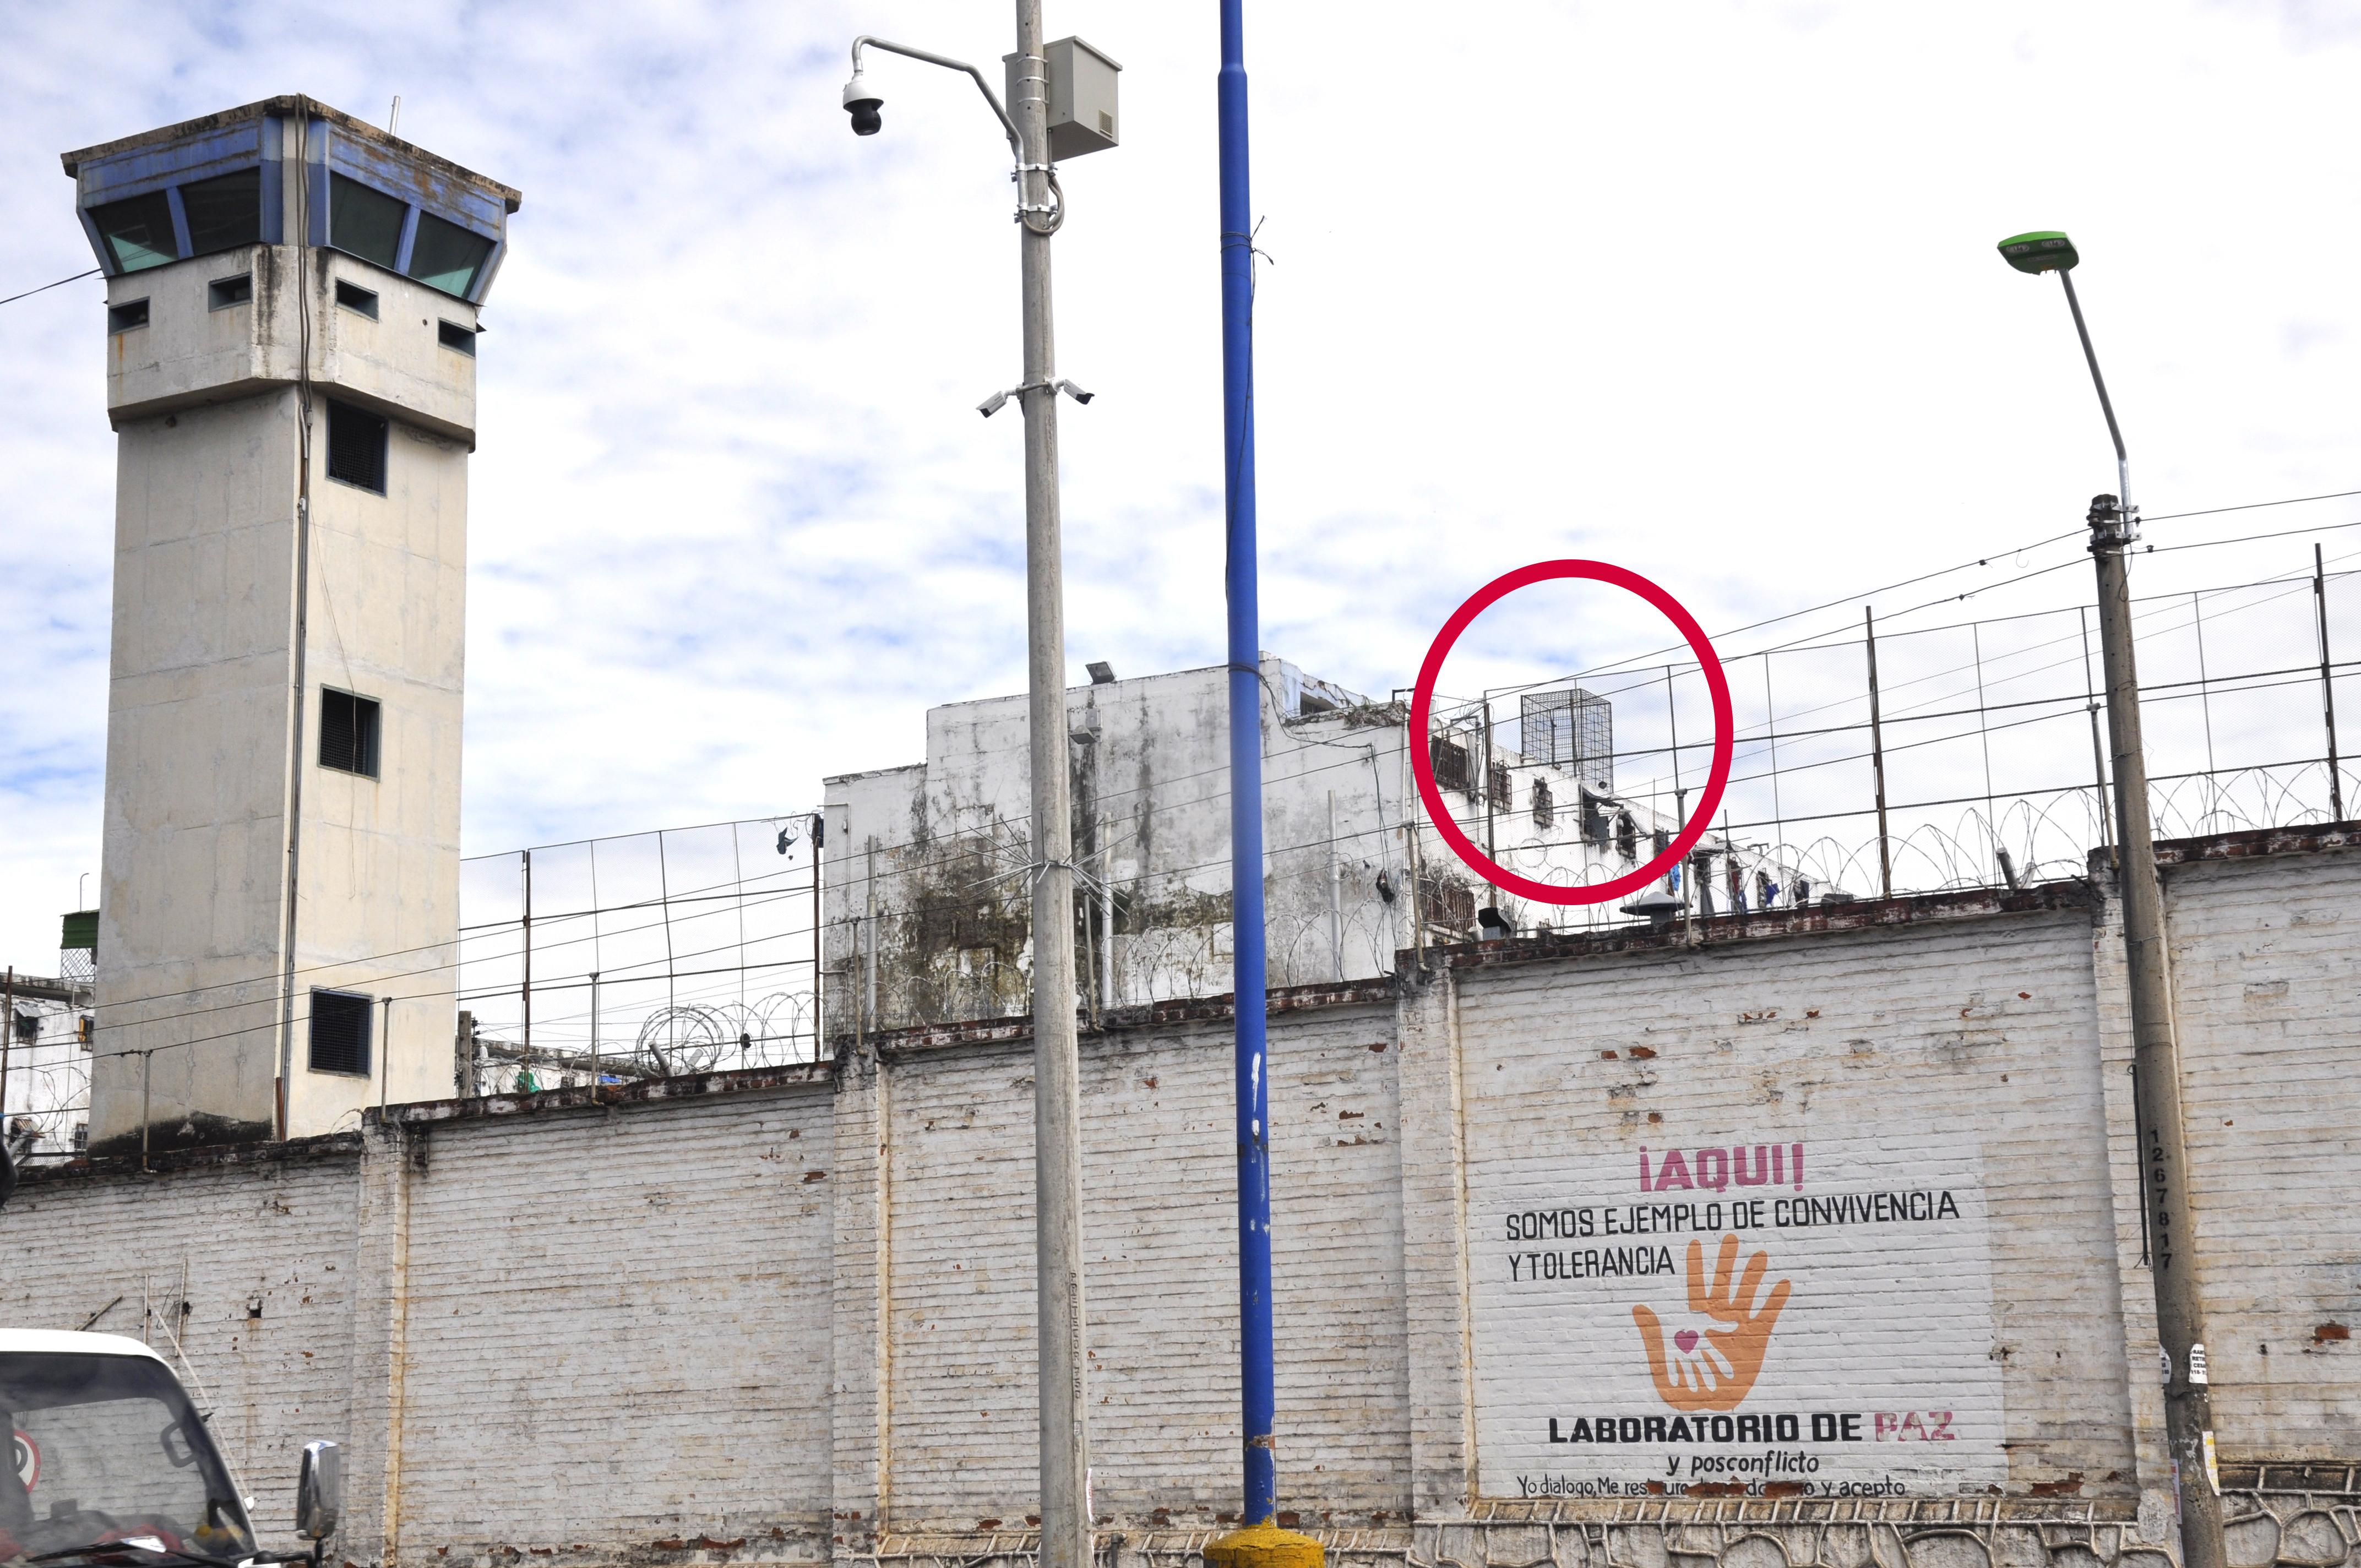 Cárcel Modelo de Bucaramanga deberá desmontar inhibidores de señal | Local | Justicia | EL FRENTE